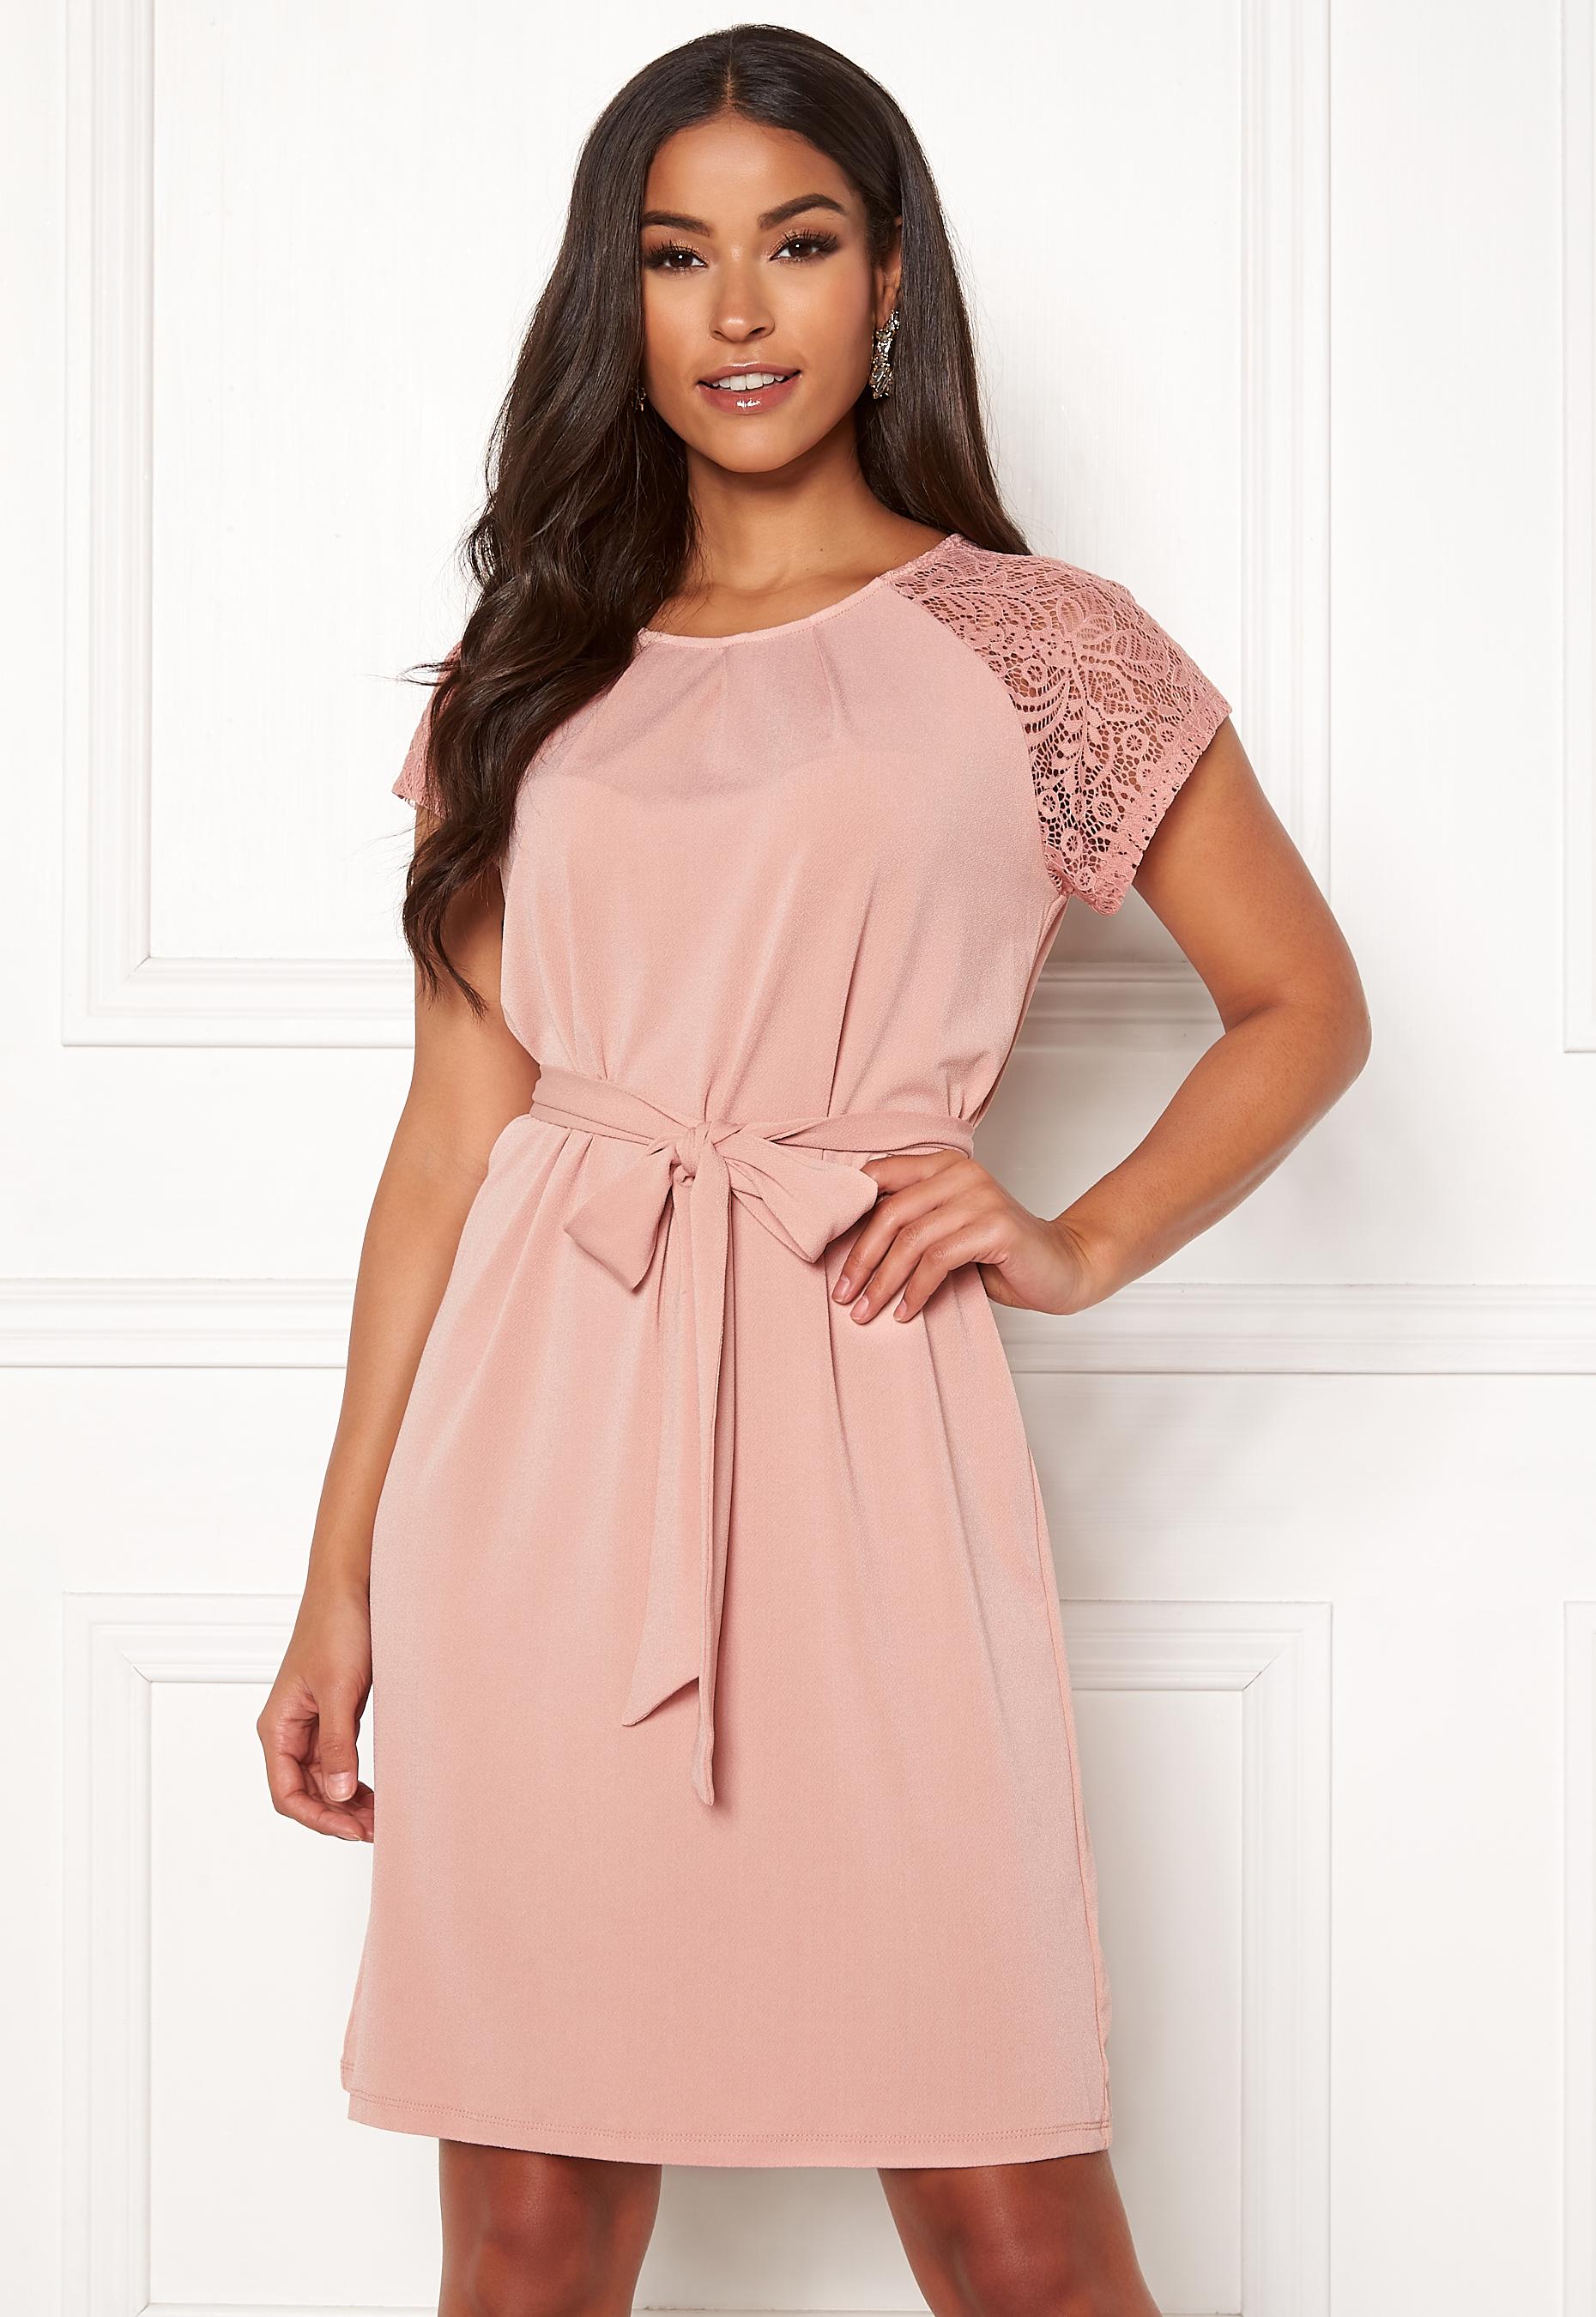 3e1cee2df5a5 VERO MODA Alberta S/S Lace Dress Misty Rose - Bubbleroom